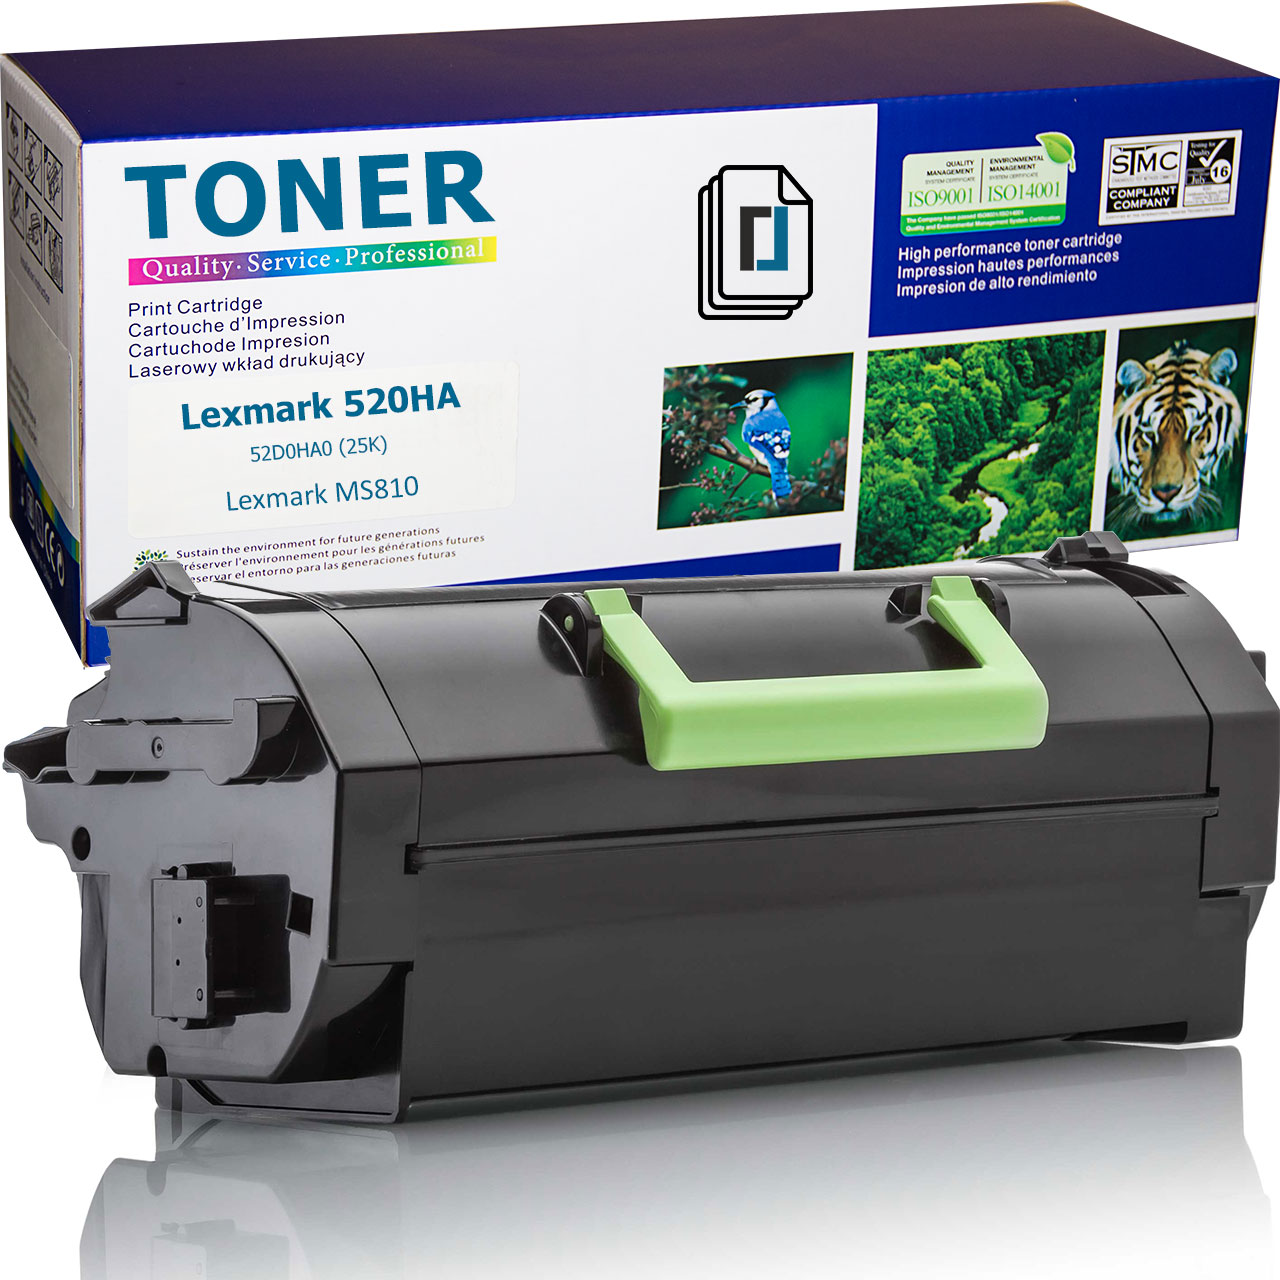 Нова тонер касета заместител Lexmark 520HA, 52D0HA0